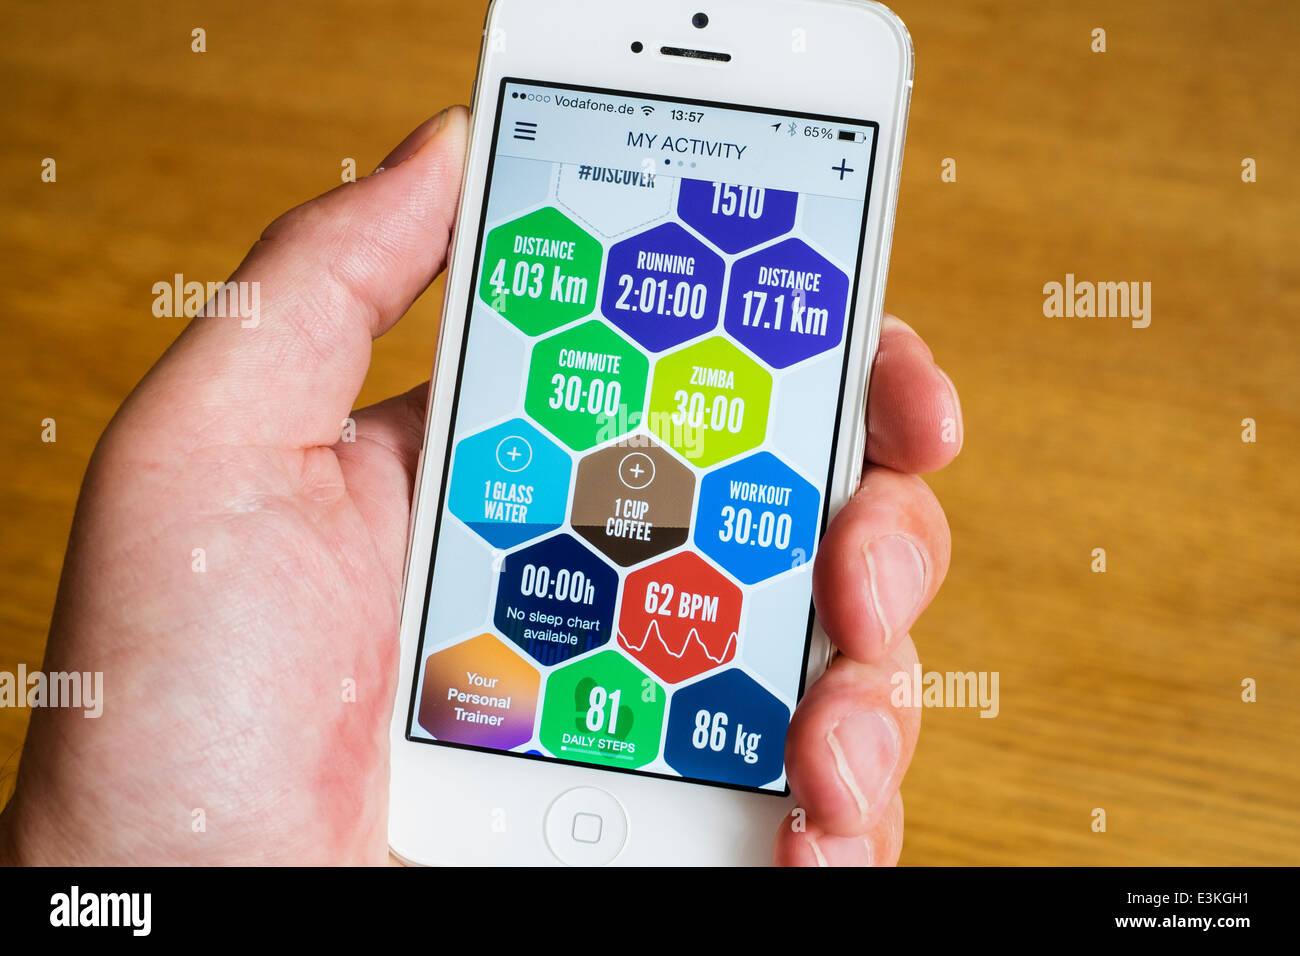 Detalle de deporte y salud datos de la actividad registrada por la salud y el fitness app en el iphone teléfonos Imagen De Stock